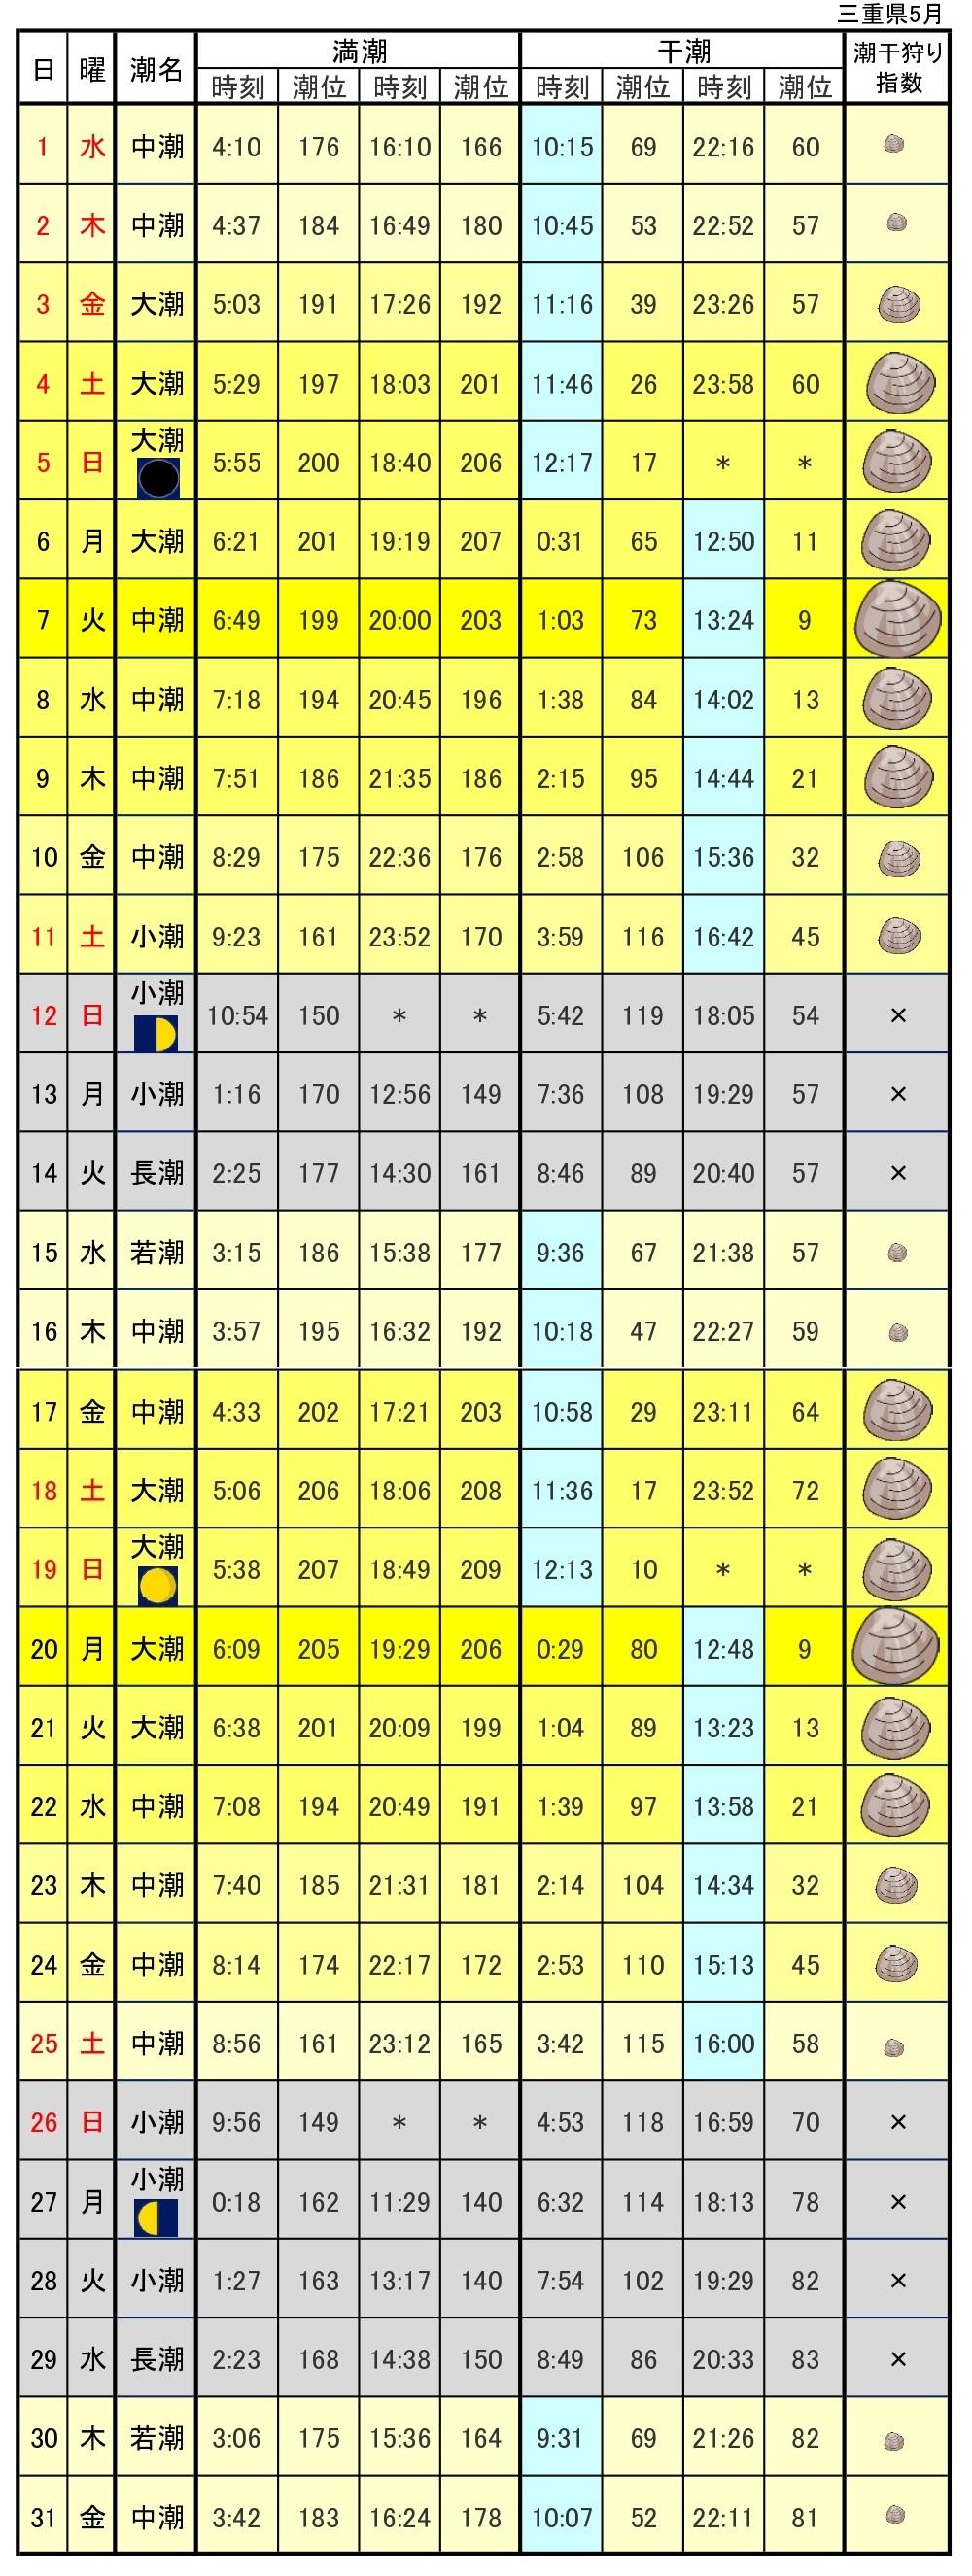 三重県潮干狩り指標令和元年5月